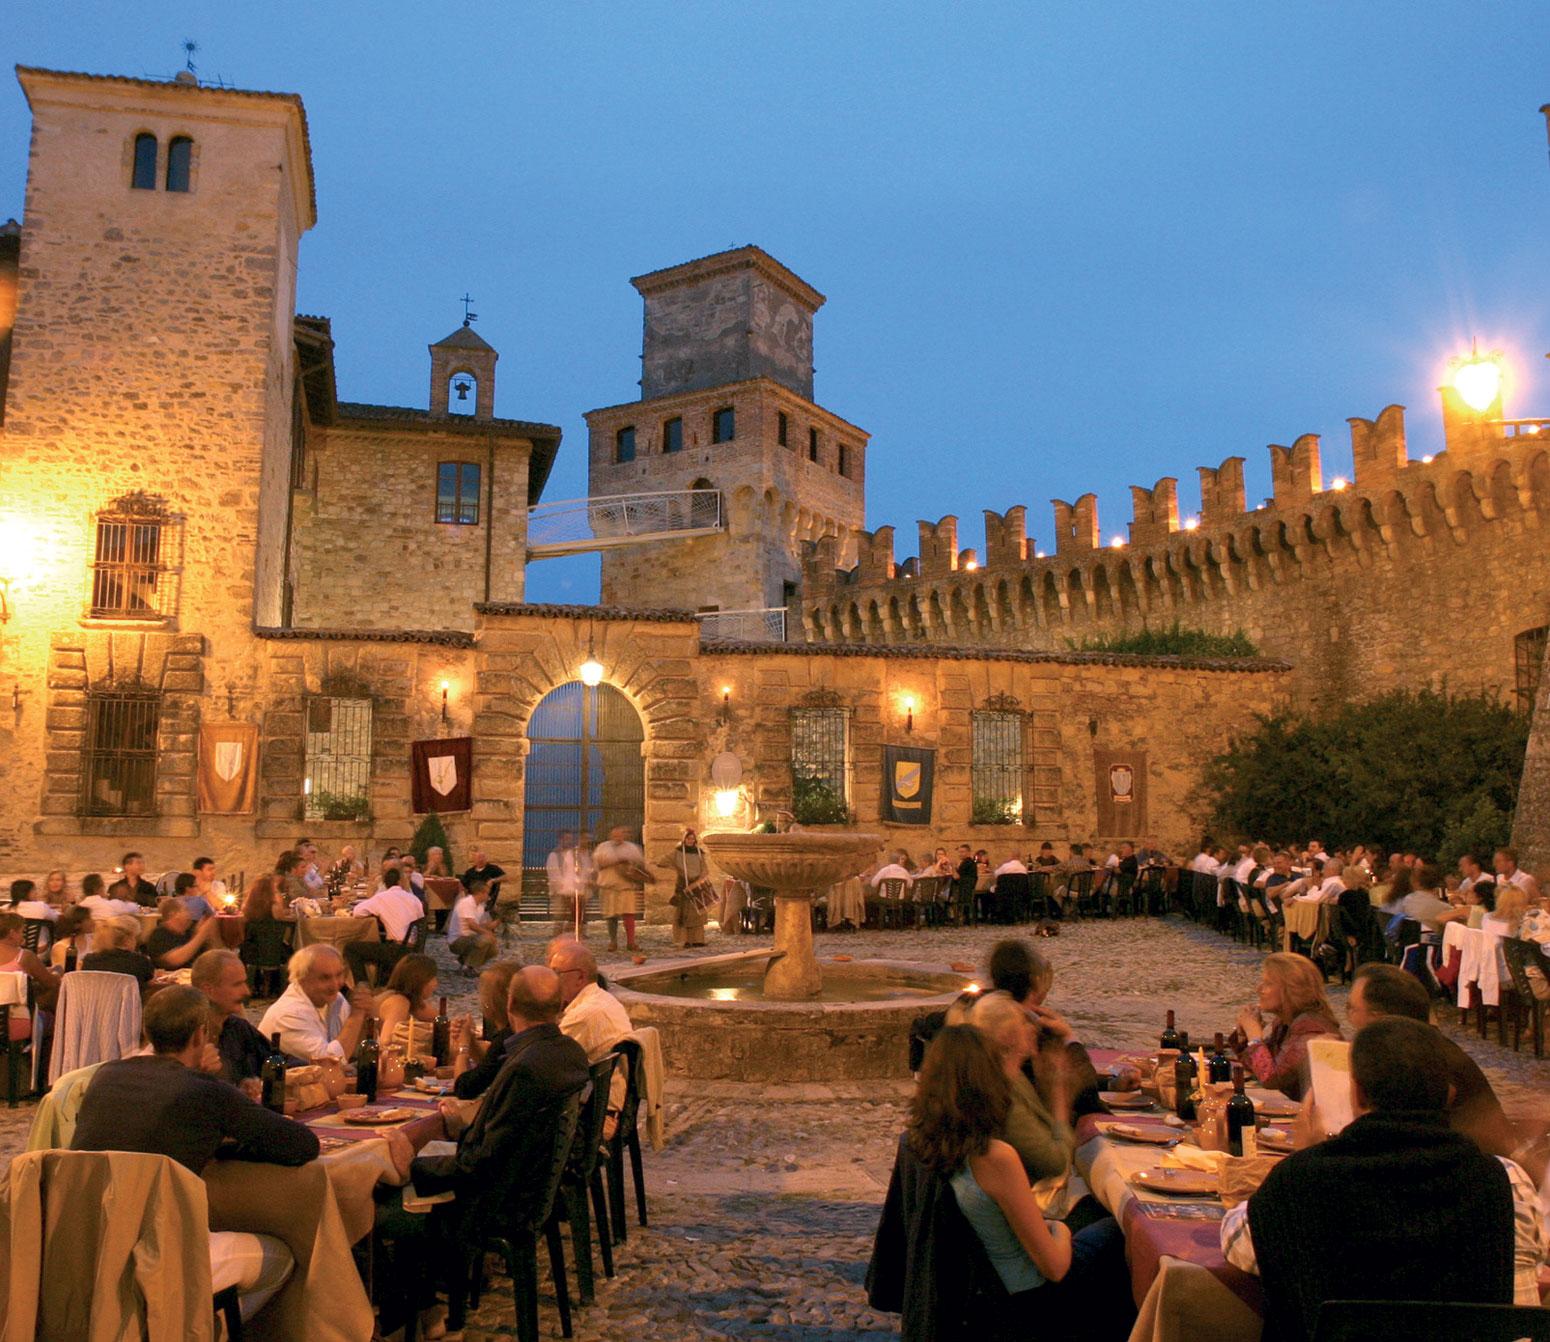 vigoleno-cena-del-vin-santo-al-castello